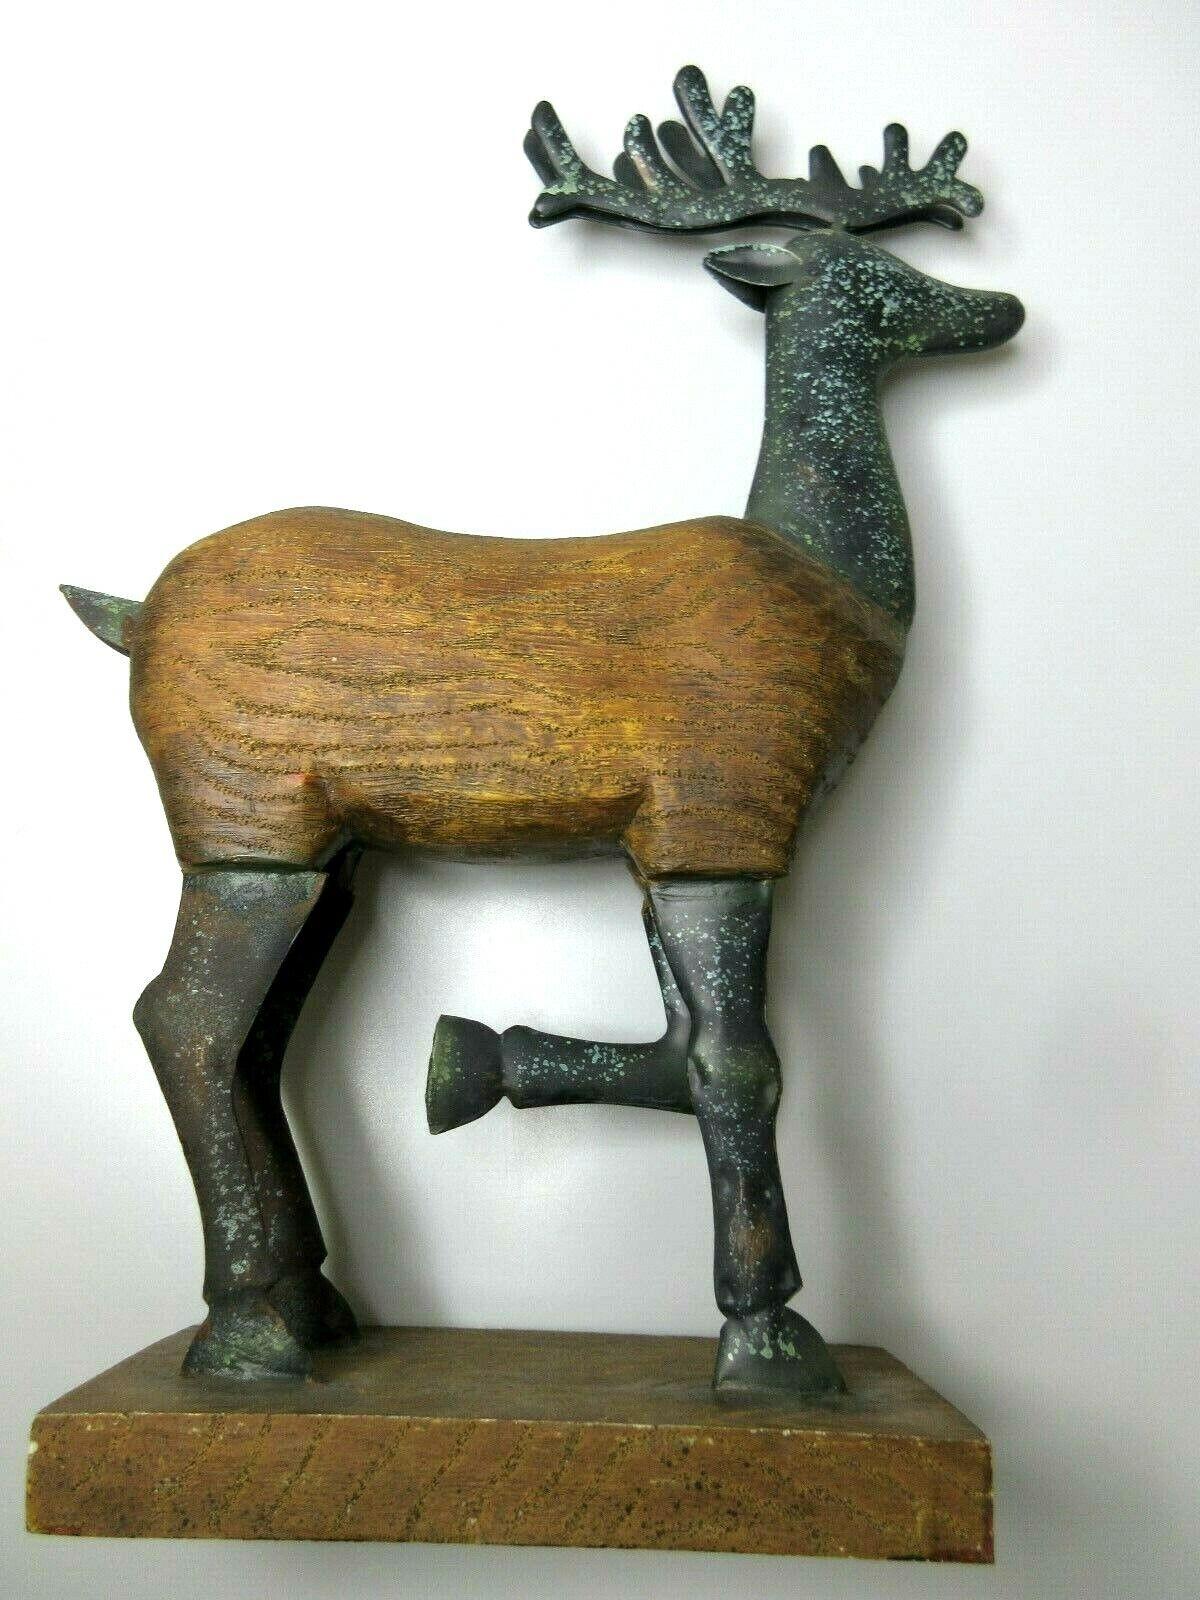 Vintage Handmade Deer Reindeer Statue Solid Wood Metal Rustic Primitive 16 x 12